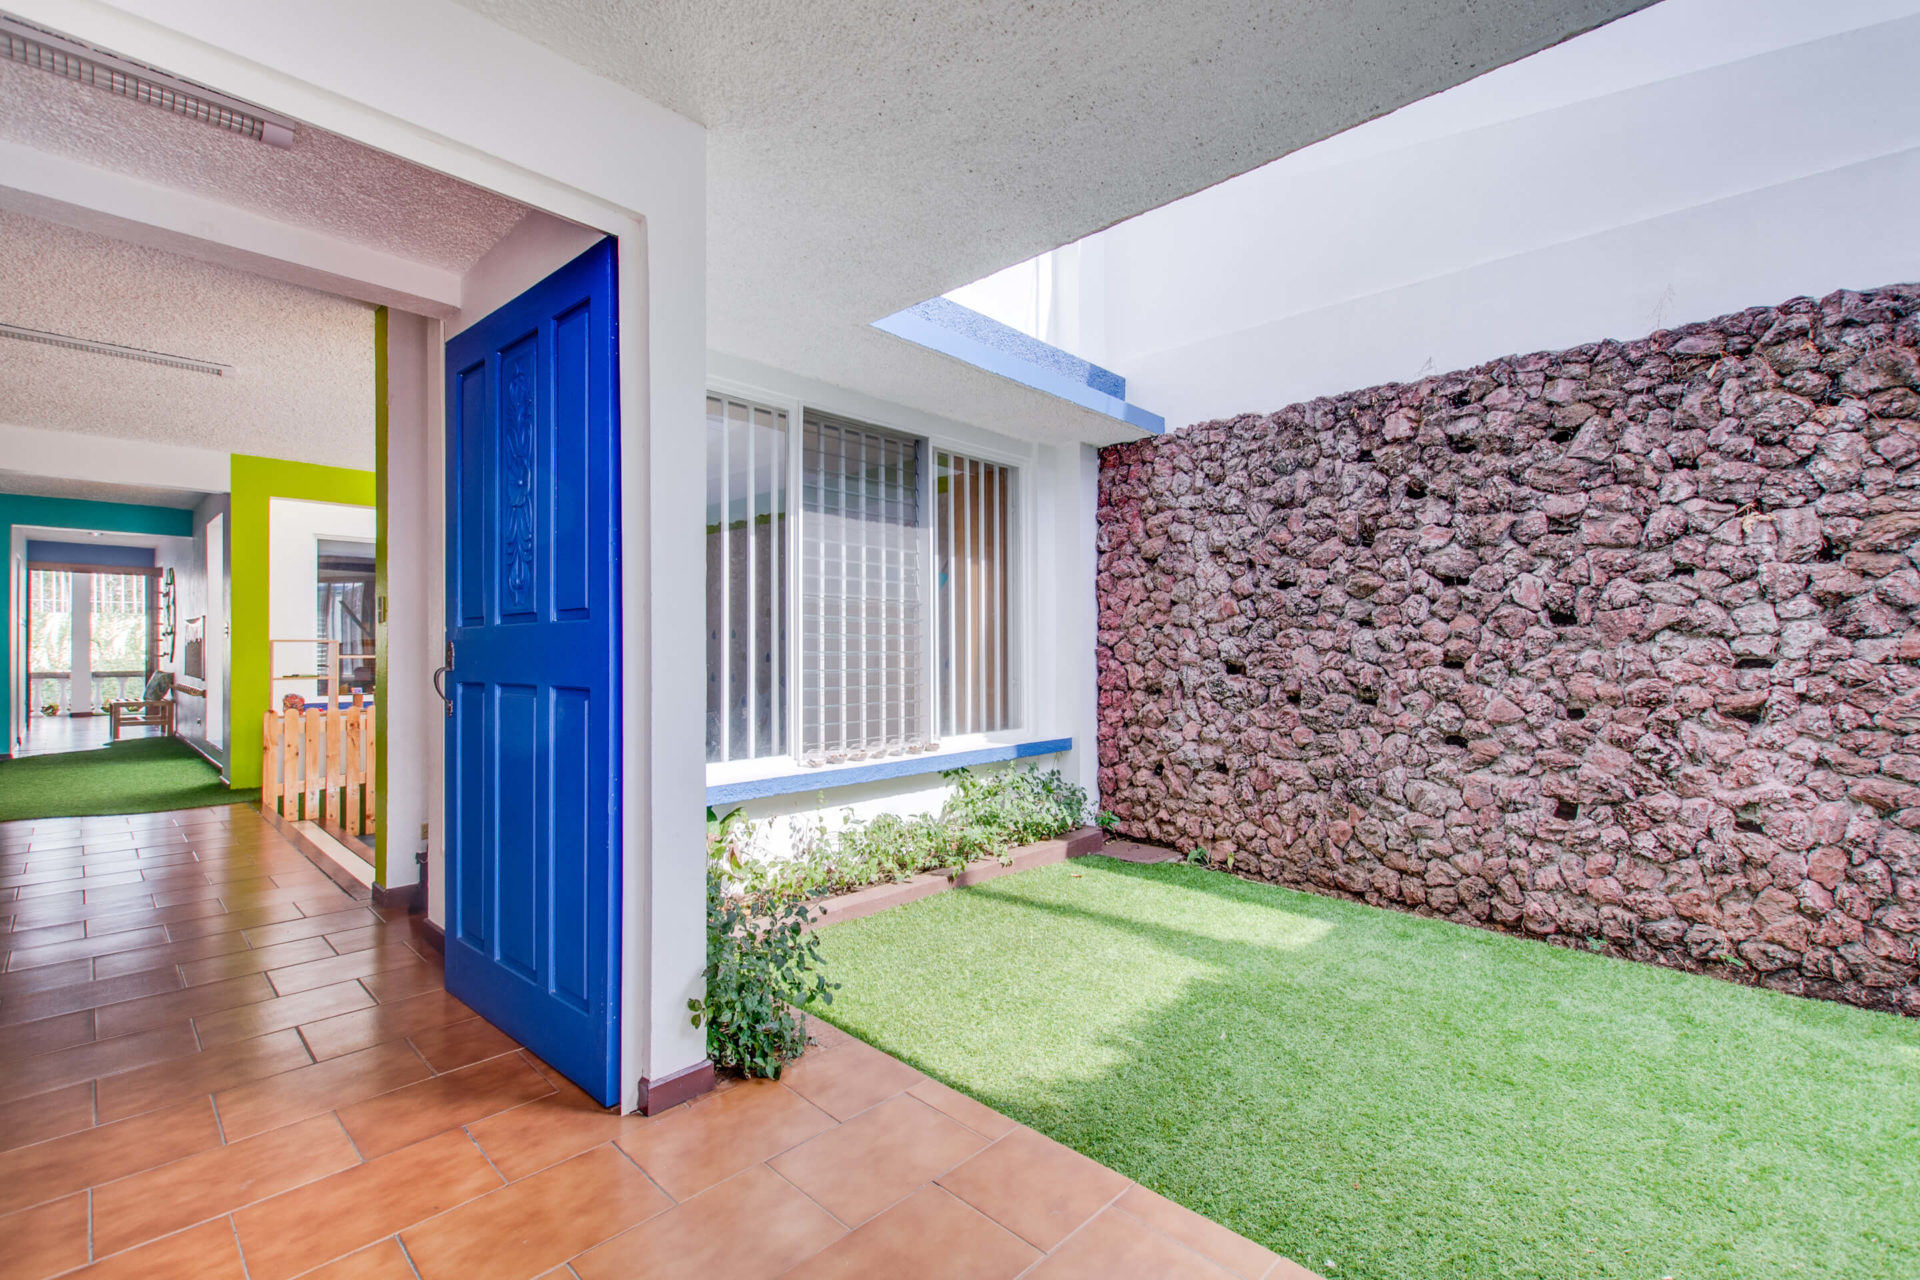 LM_Instalaciones_Alajuela-MAR19-126